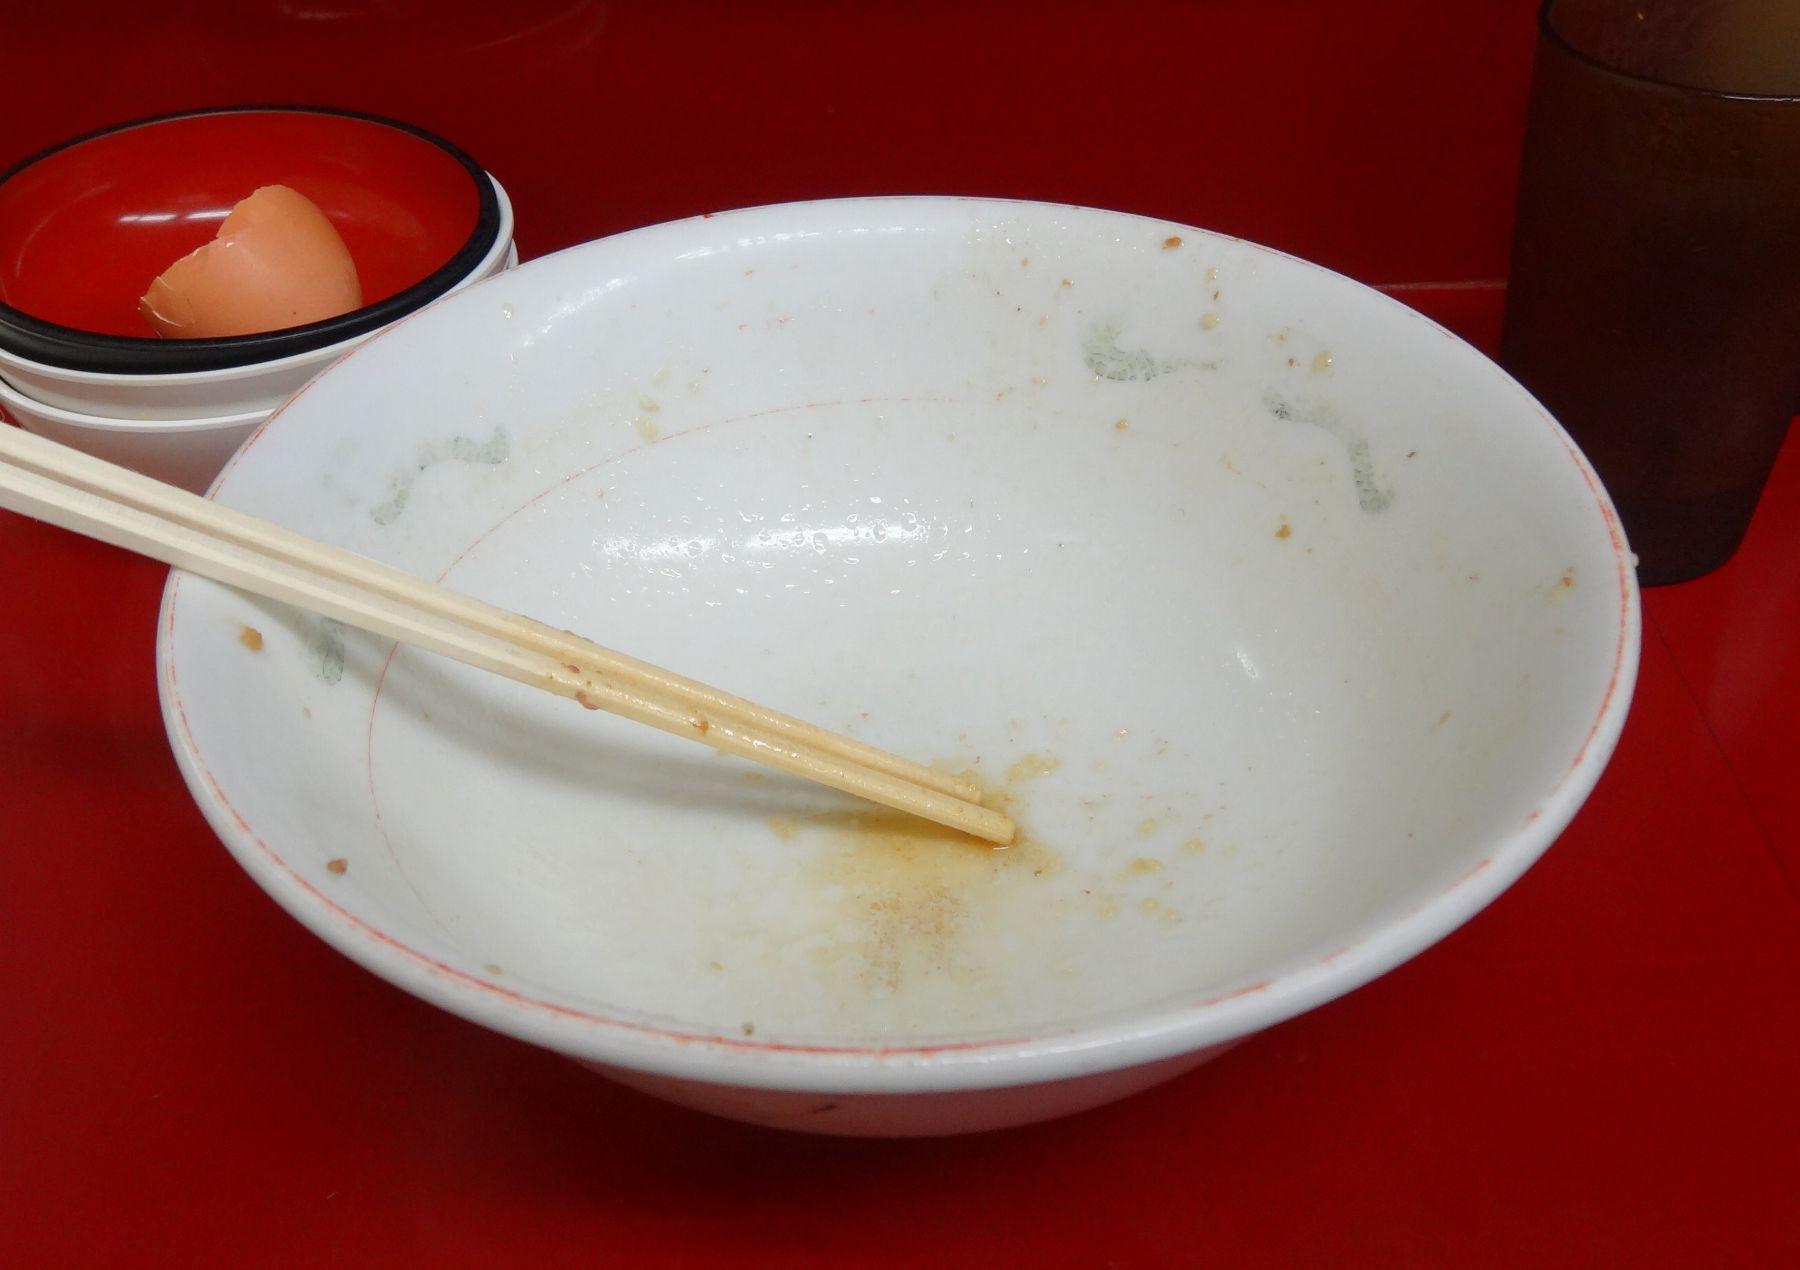 20121106015sumoji.jpg